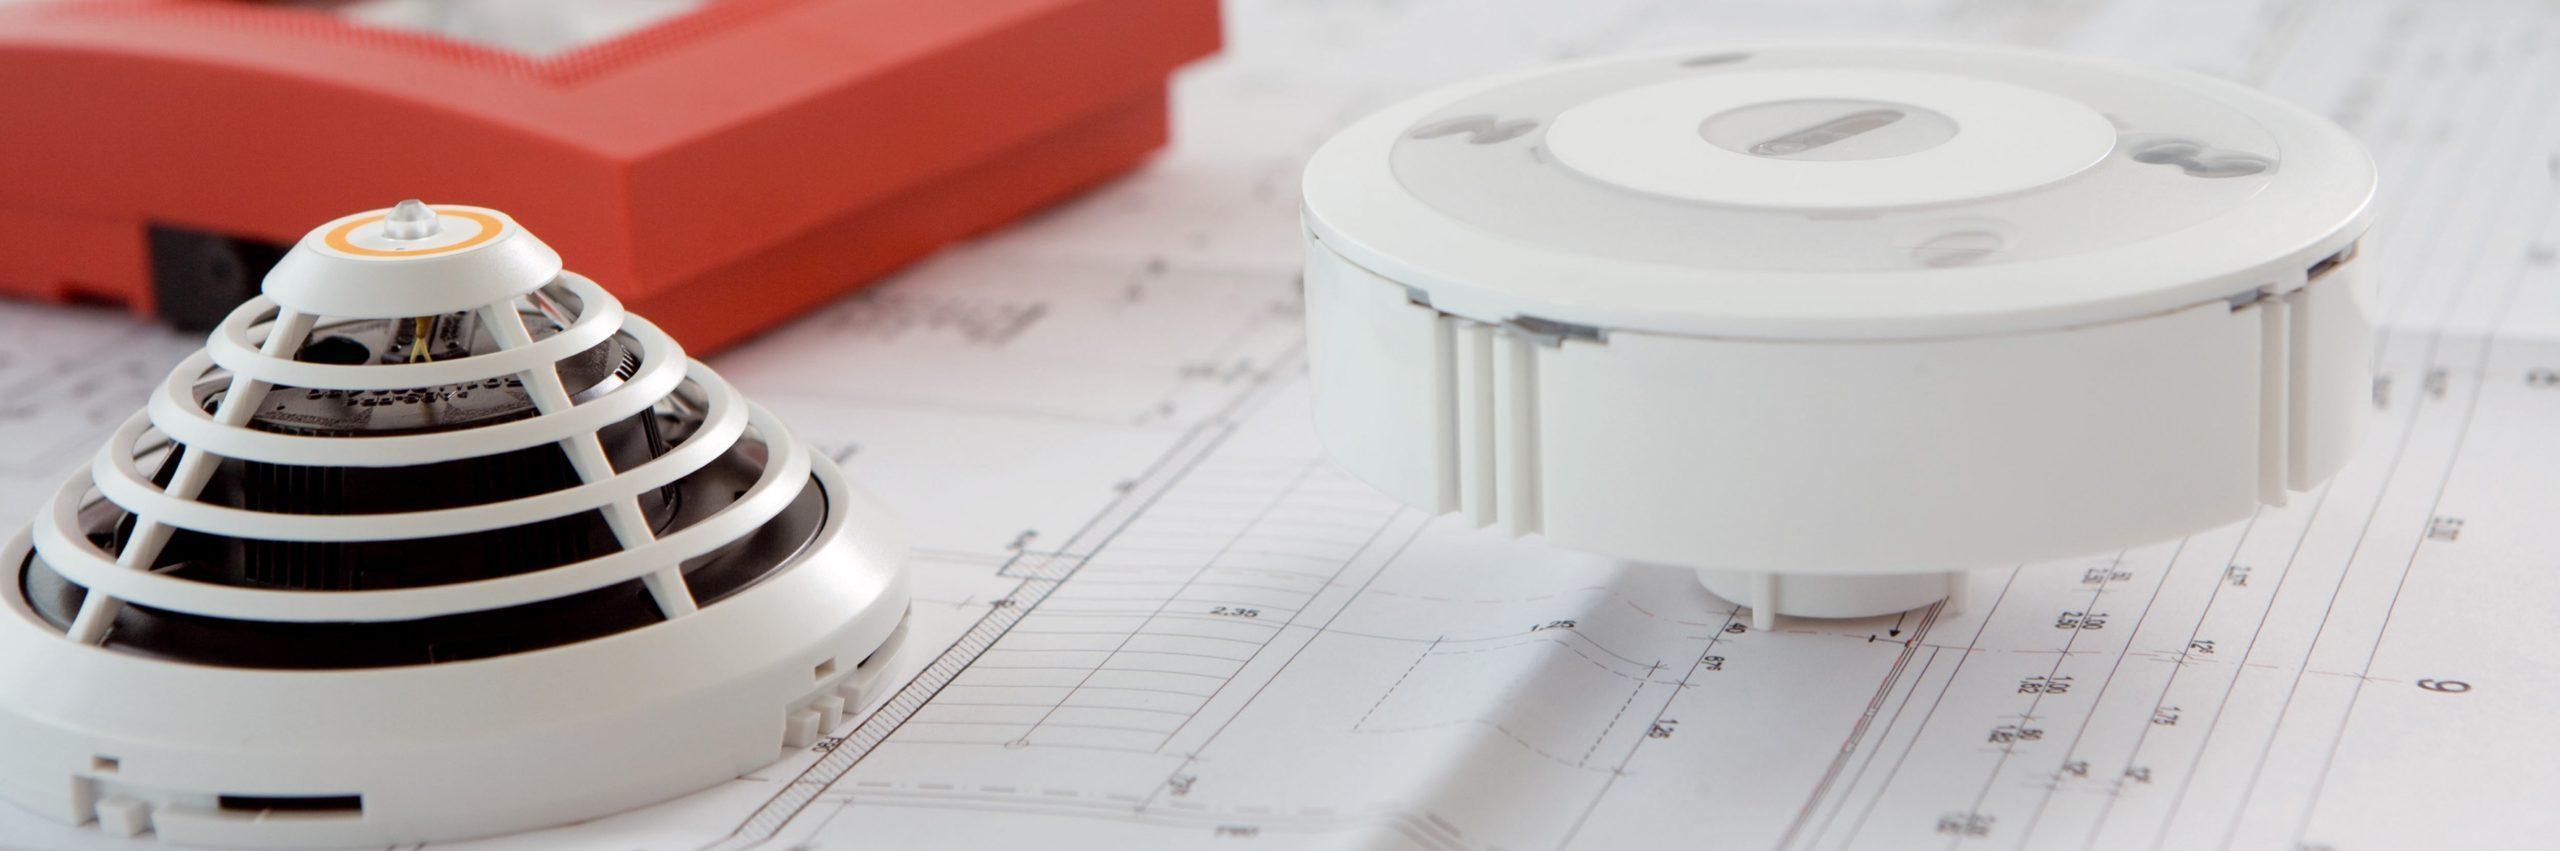 Проектирование и согласование пожарной сигнализации